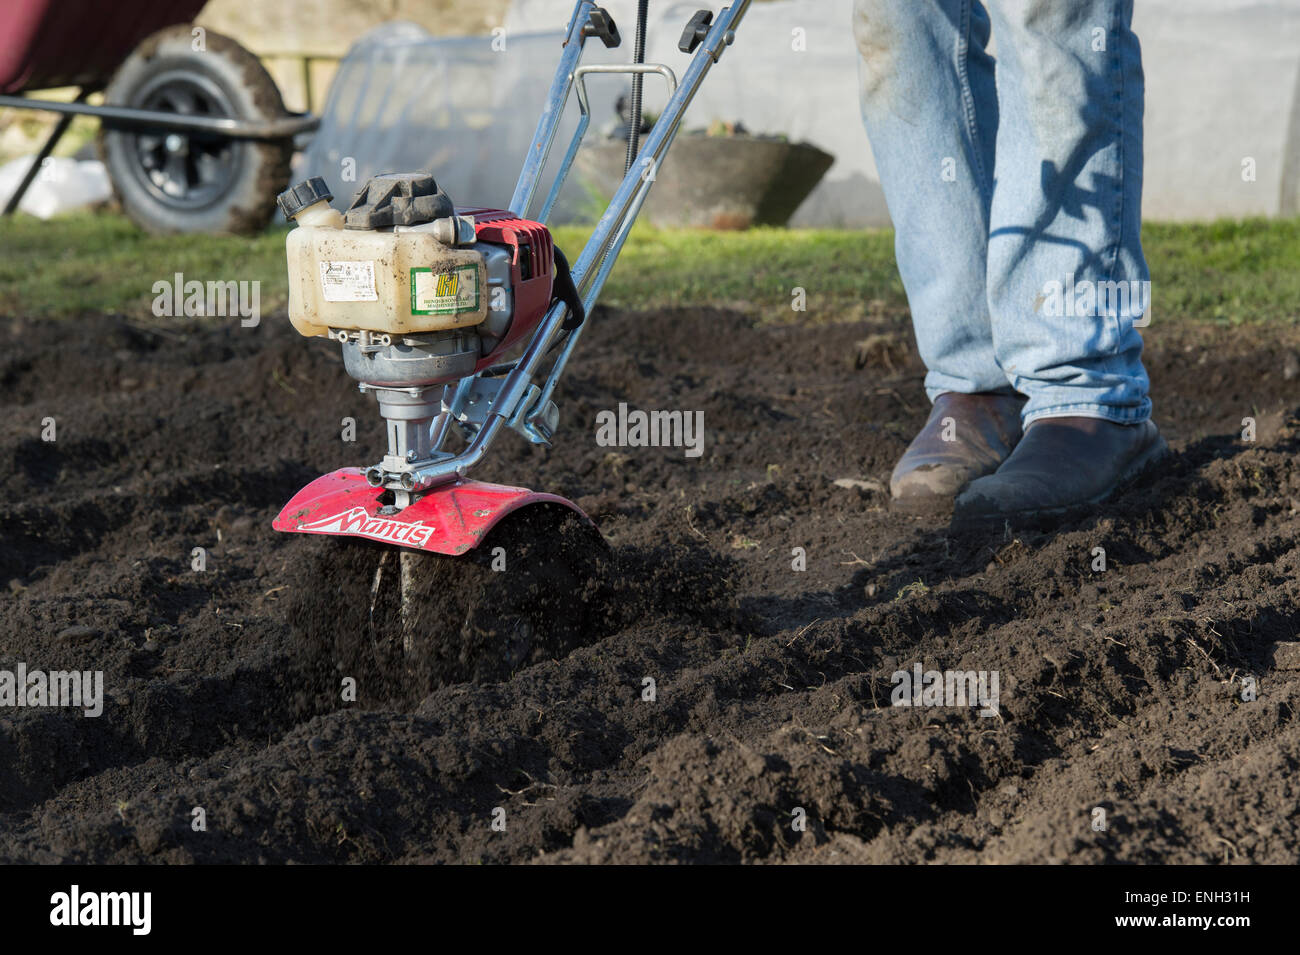 Gardener Rotavating A Vegetable Garden Preparing The Soil For Planting.  England